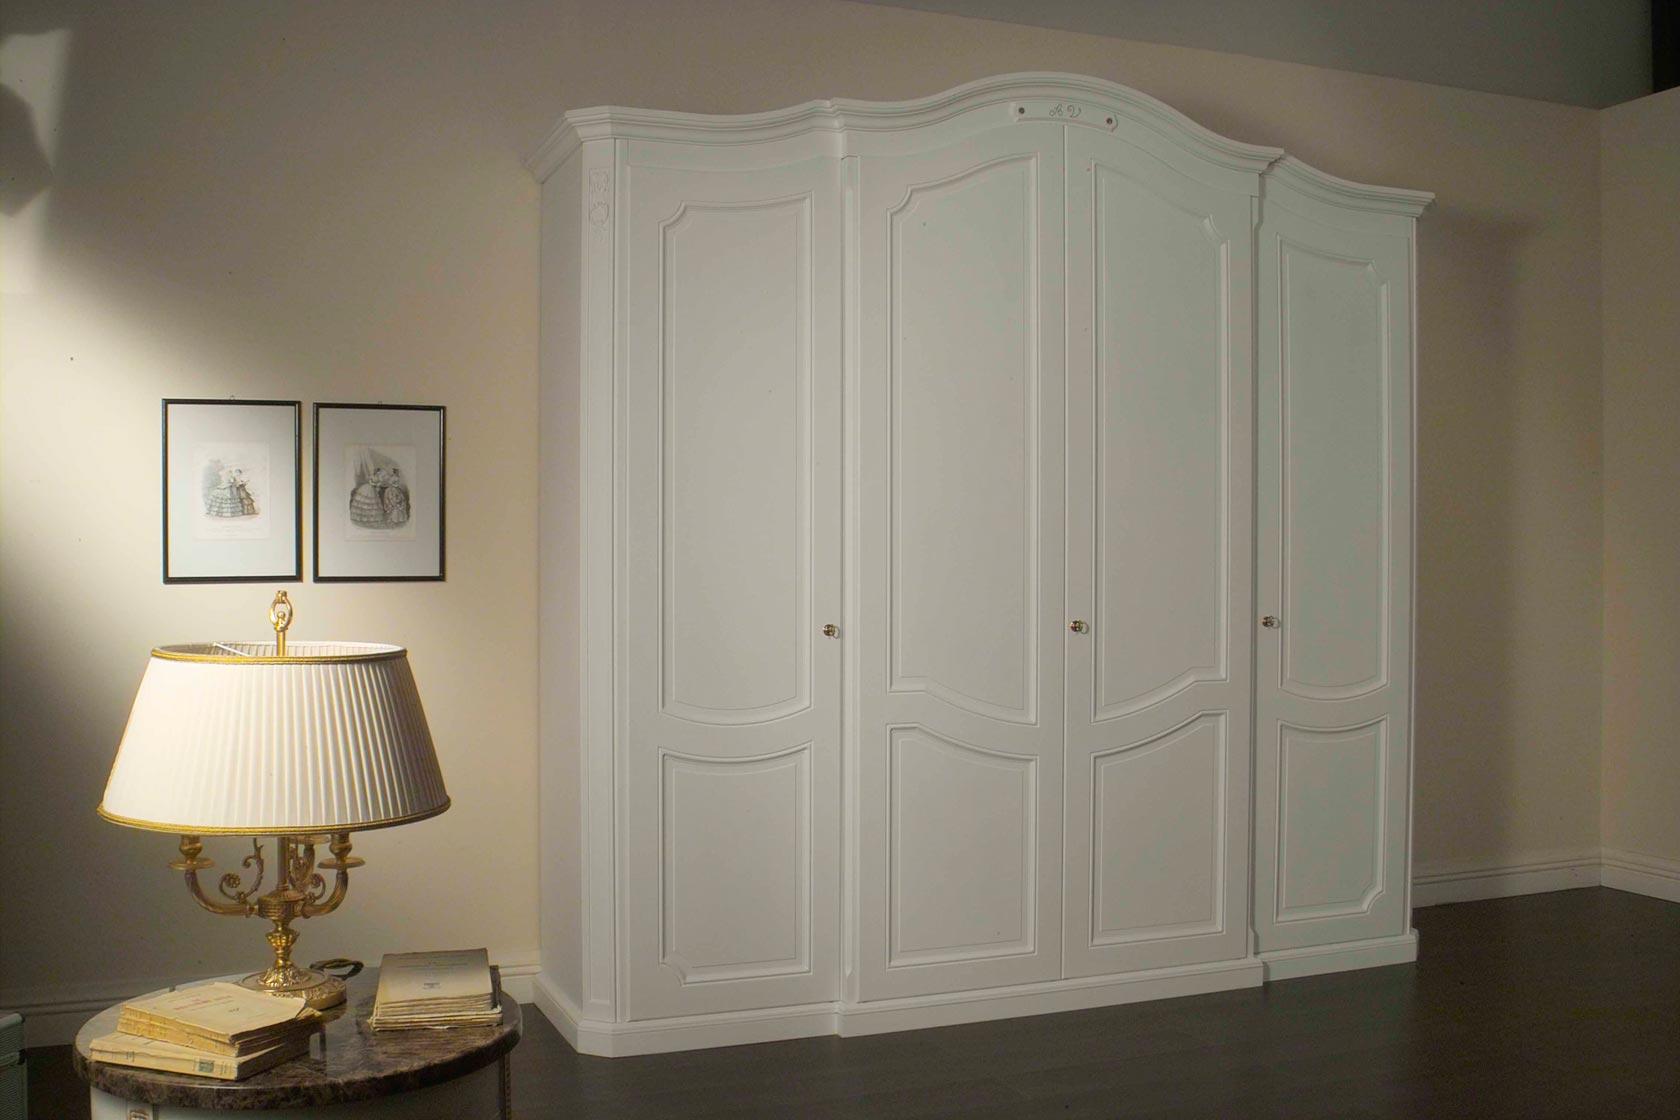 Armadio classico settecento laccato bianco vimercati meda - Armadi da camera da letto ...